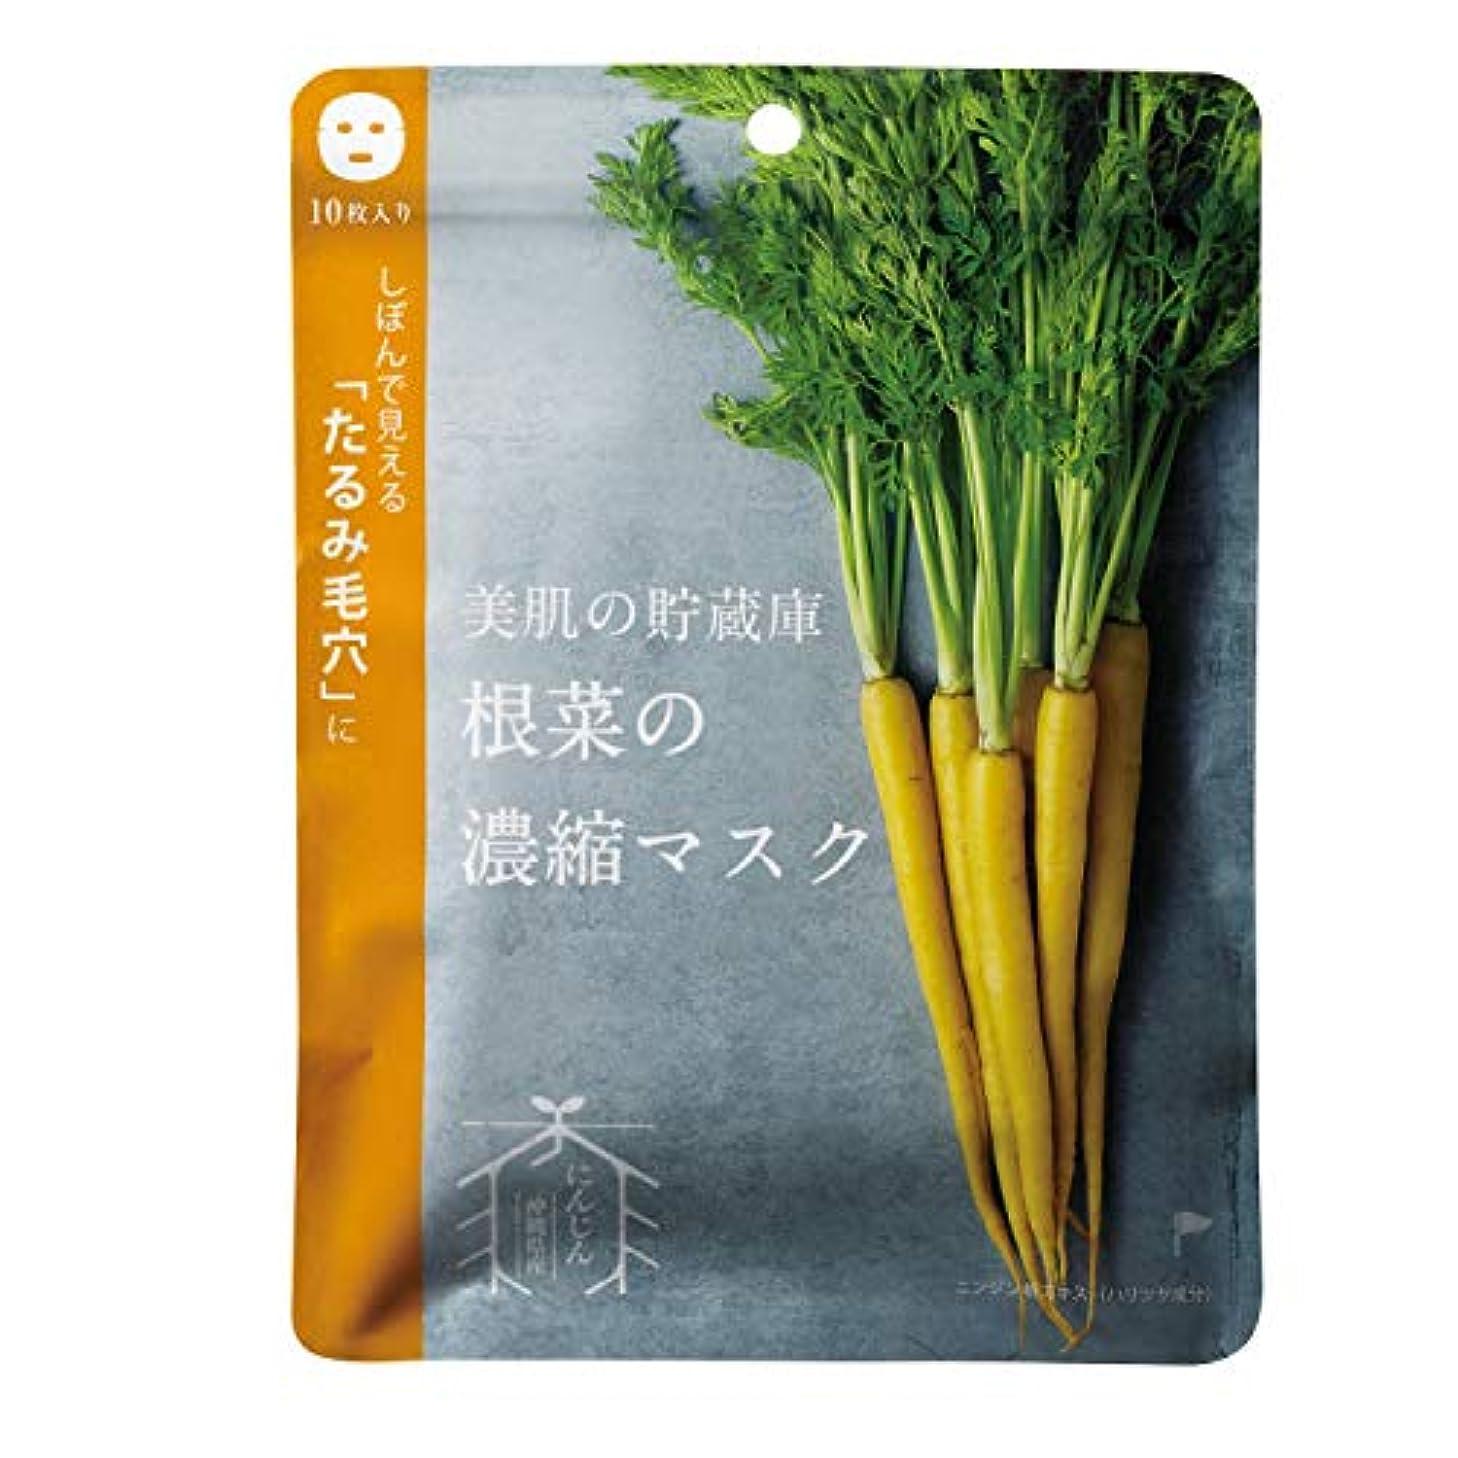 王室ふさわしい社会@cosme nippon 美肌の貯蔵庫 根菜の濃縮マスク 島にんじん 10枚 160ml